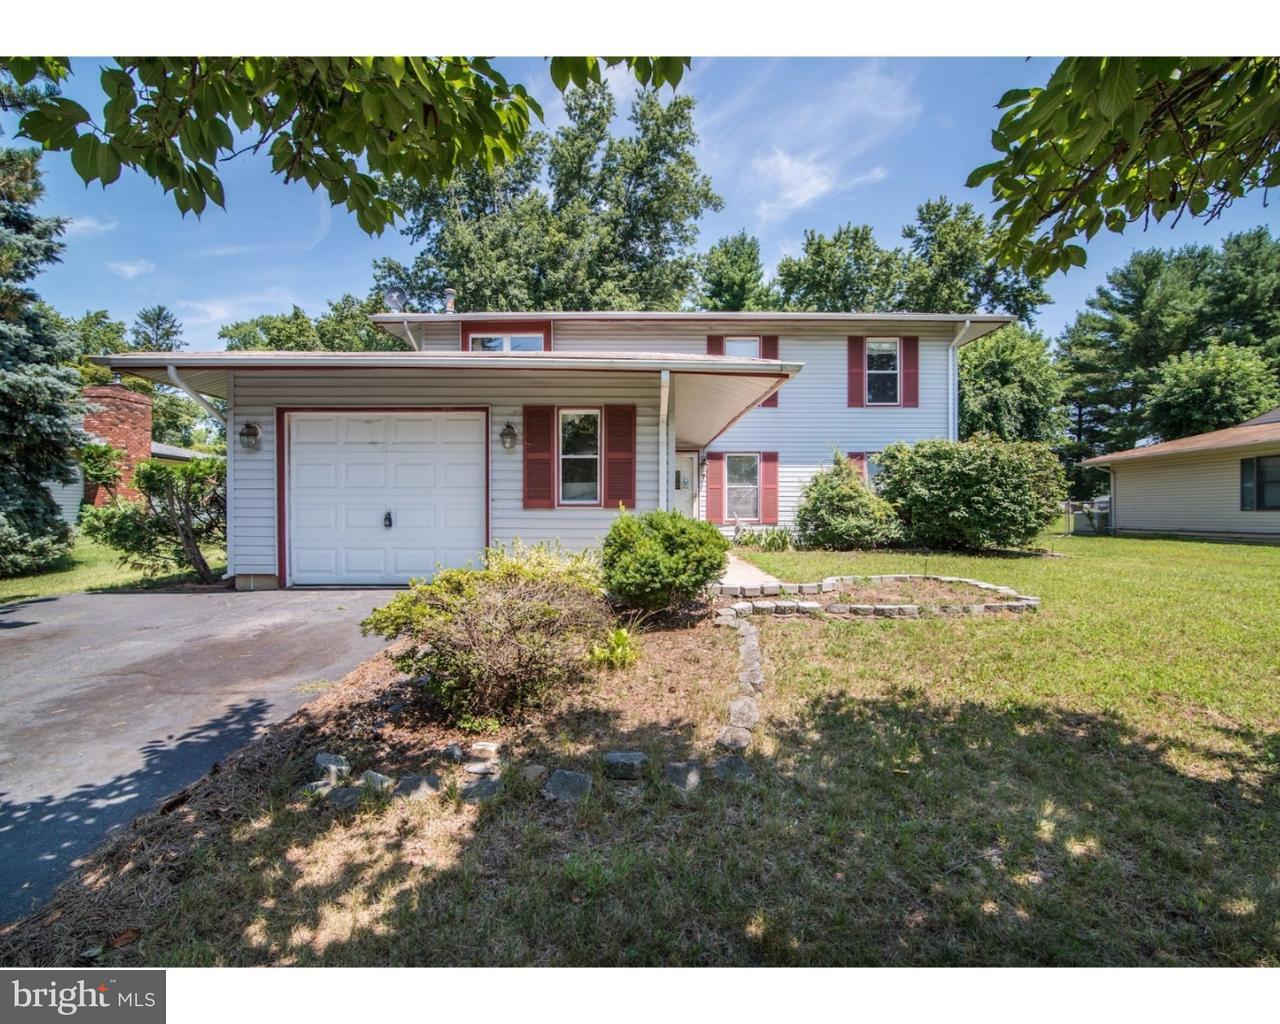 Частный односемейный дом для того Продажа на 7 NOTTINGHAM WAY Eastampton, Нью-Джерси 08060 Соединенные Штаты